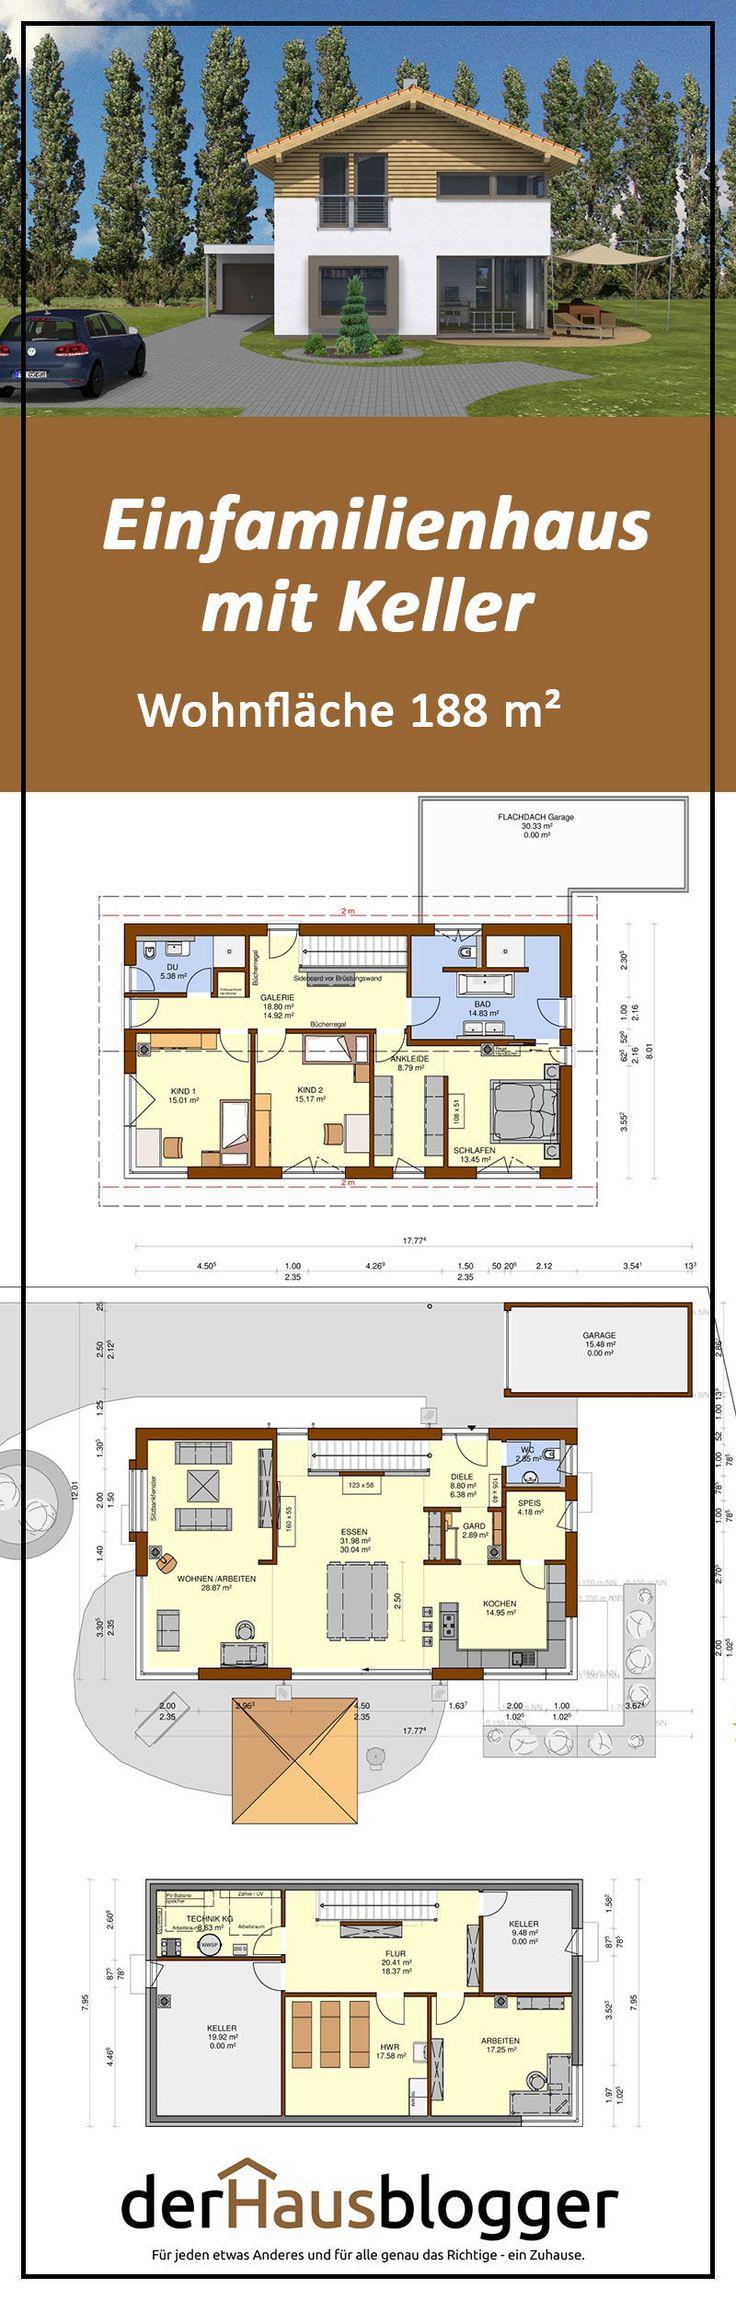 Dieses Satteldachhaus mit knapp 188 m² Wohnfläch…